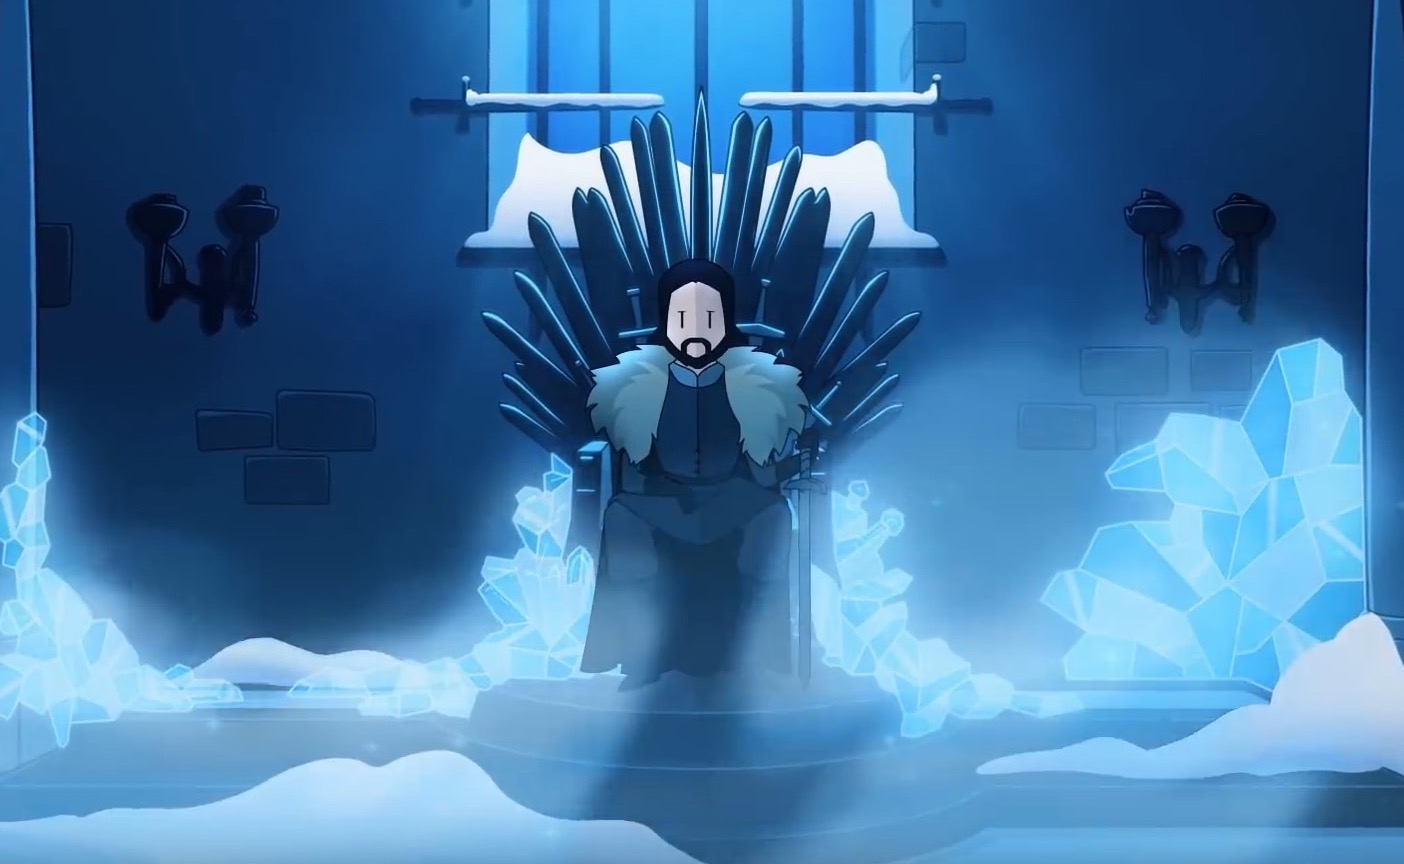 Test : régnez sur Westeros, dans l'excellent Reigns: Game of Thrones sur iPhone, iPad 1